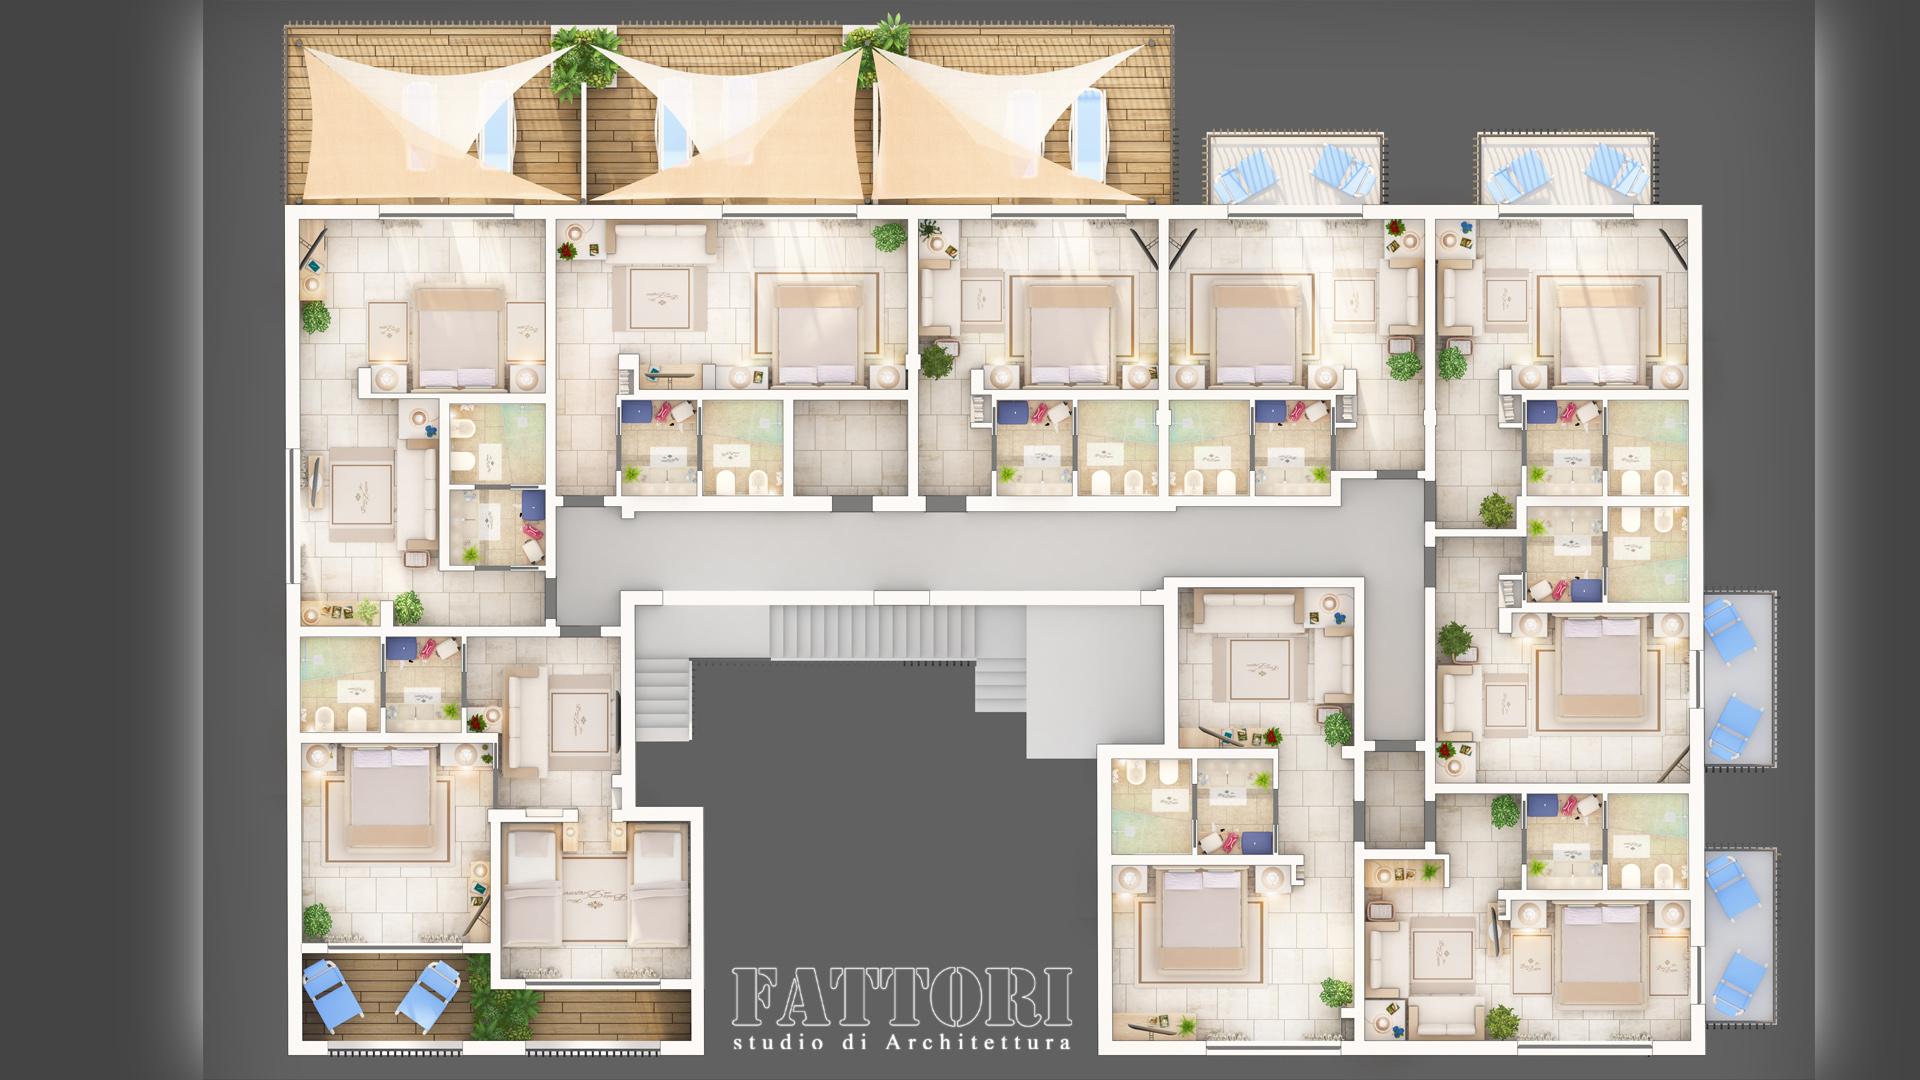 Studio di Architettura Fattori Fausto - Hotel Baia delle Zagare - Mattinata - Proposta progetto riorganizzazione interna camere